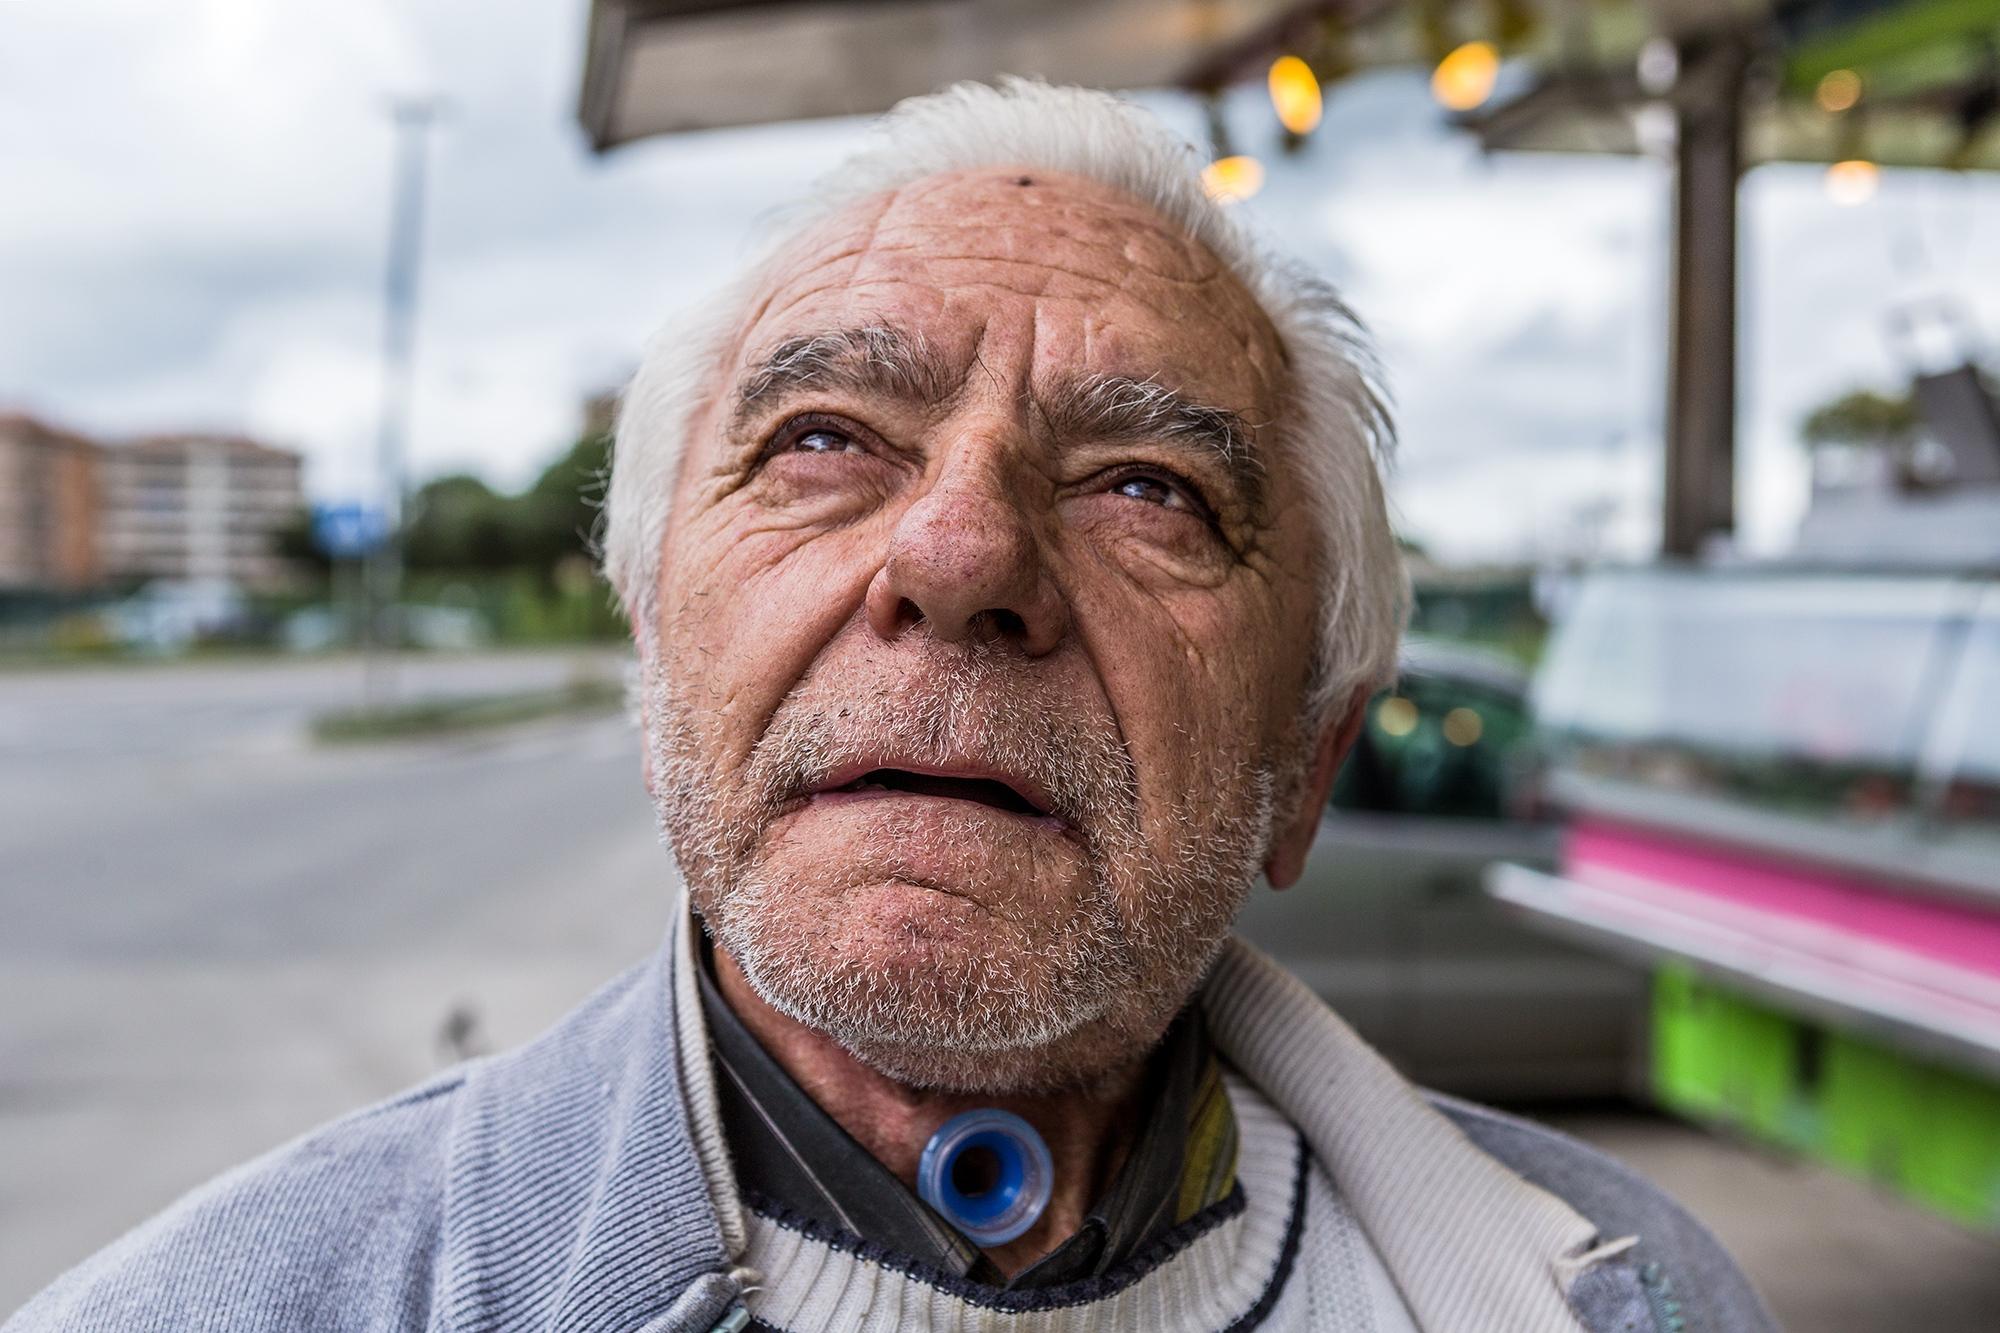 A resident of Santa Palomba